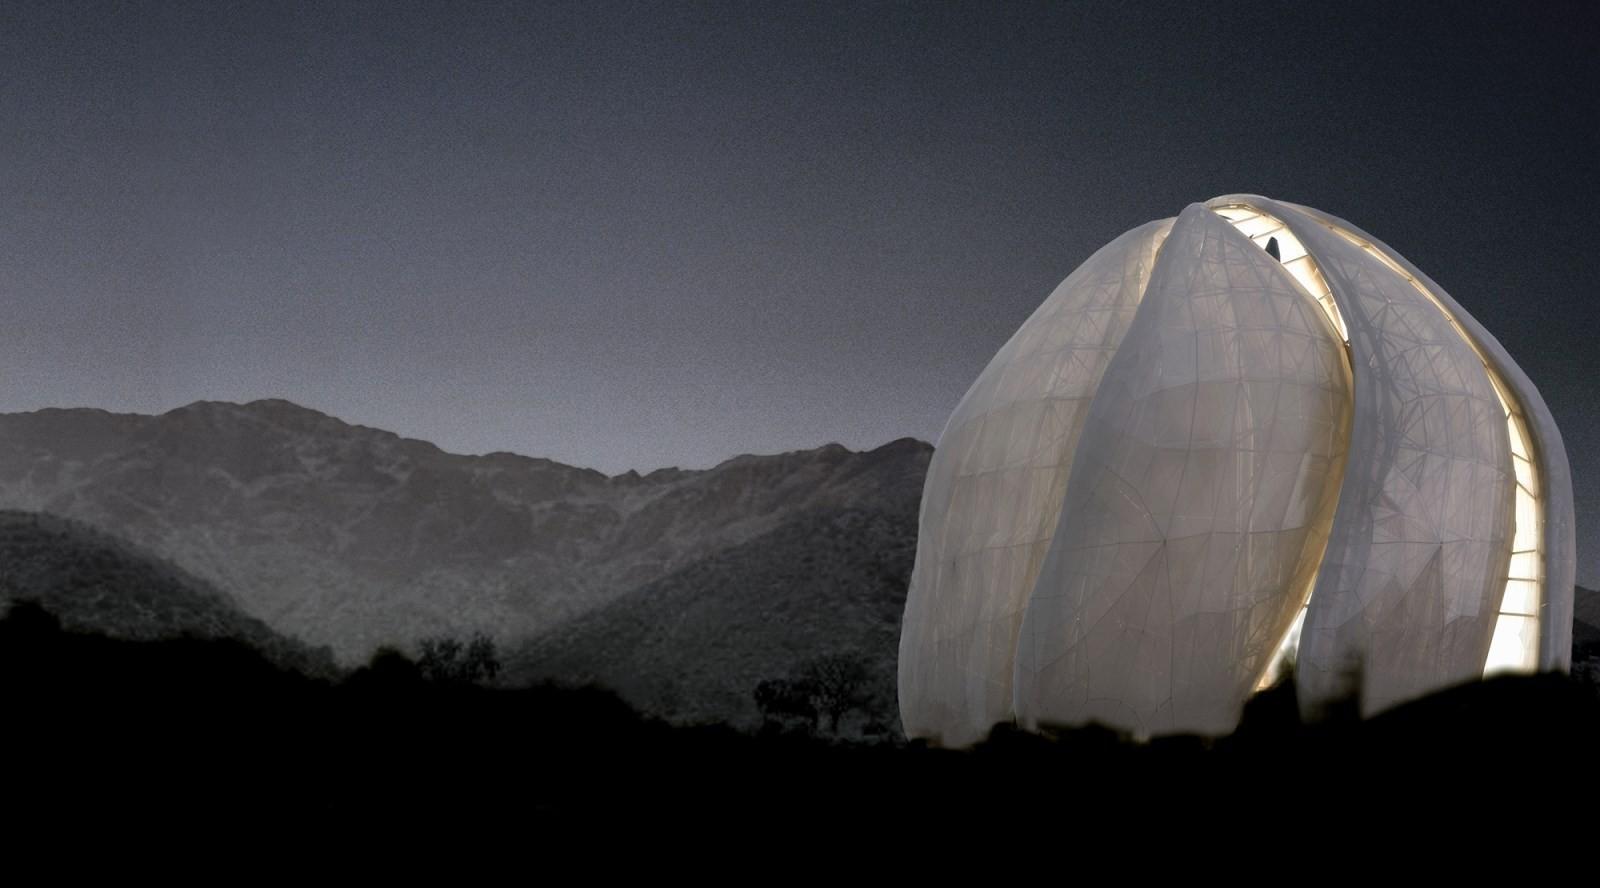 """Conferencia Técnica """"Innovación Arquitectónica y Desafío Estructural: el Templo Bahá'í de Sudamérica"""", Courtesy of Comunidad Bahá´í"""